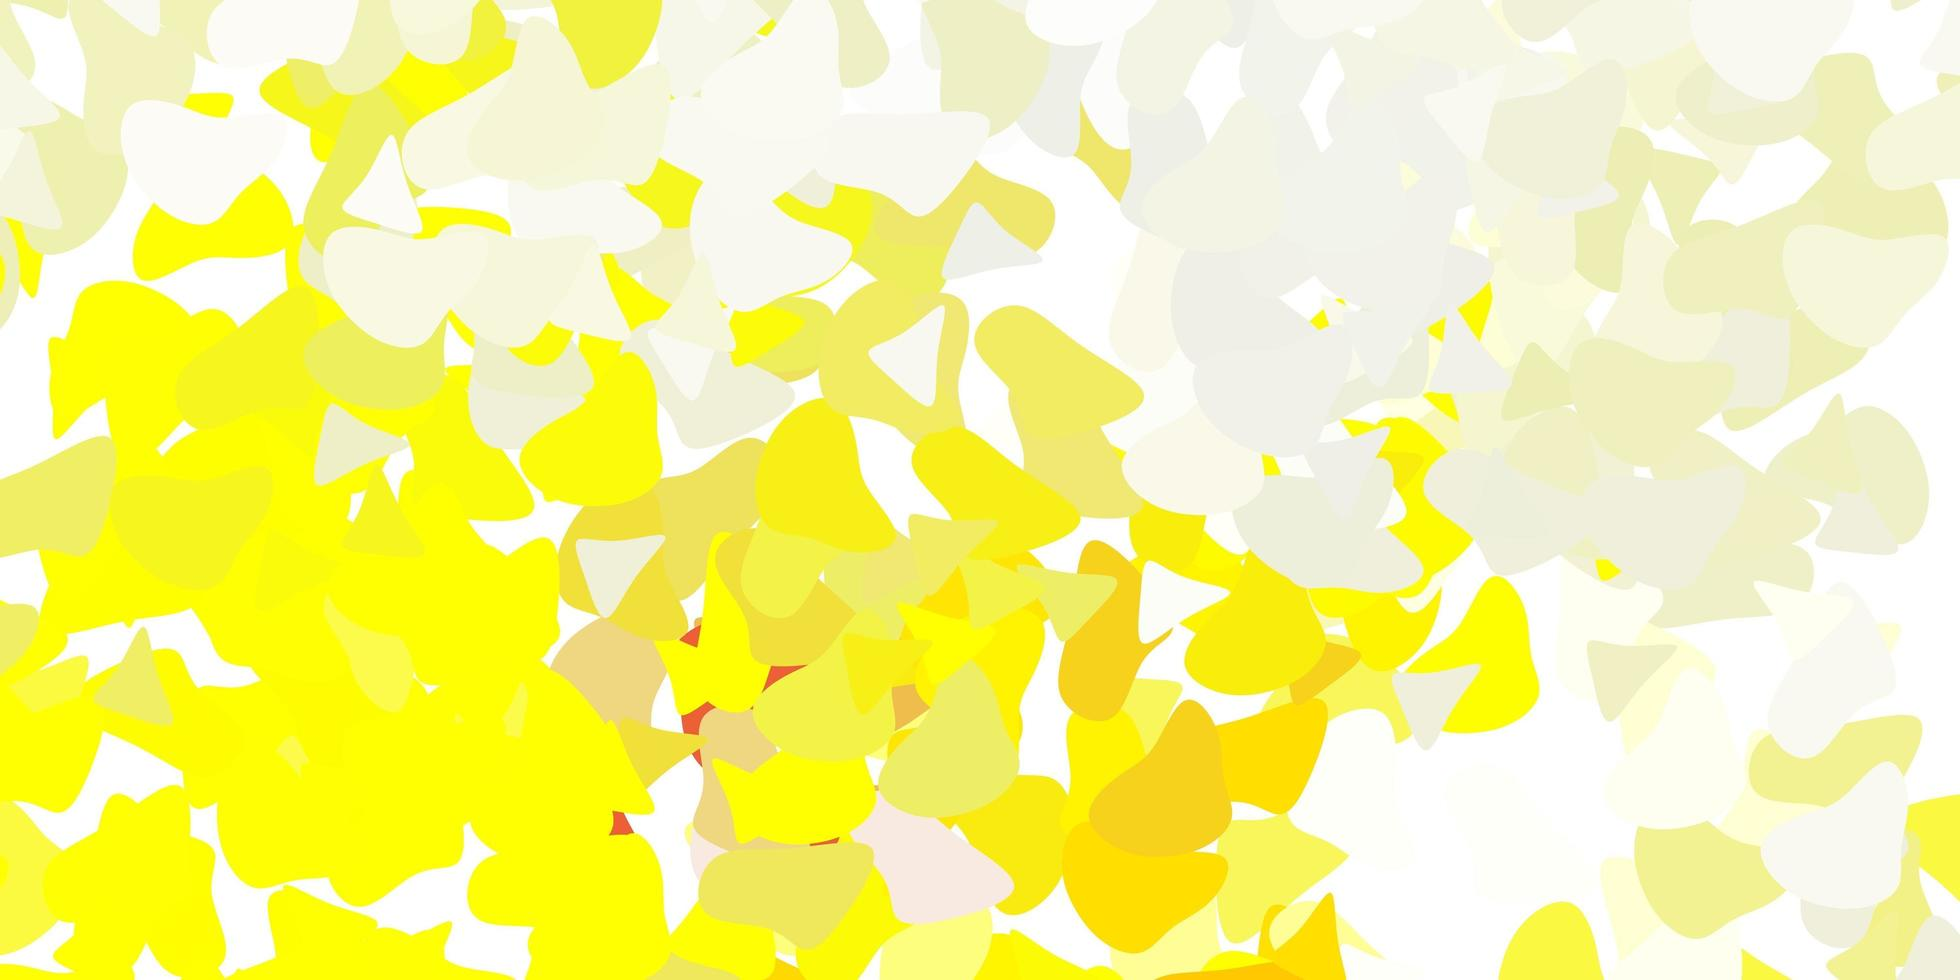 texture vecteur jaune clair avec des formes de memphis.